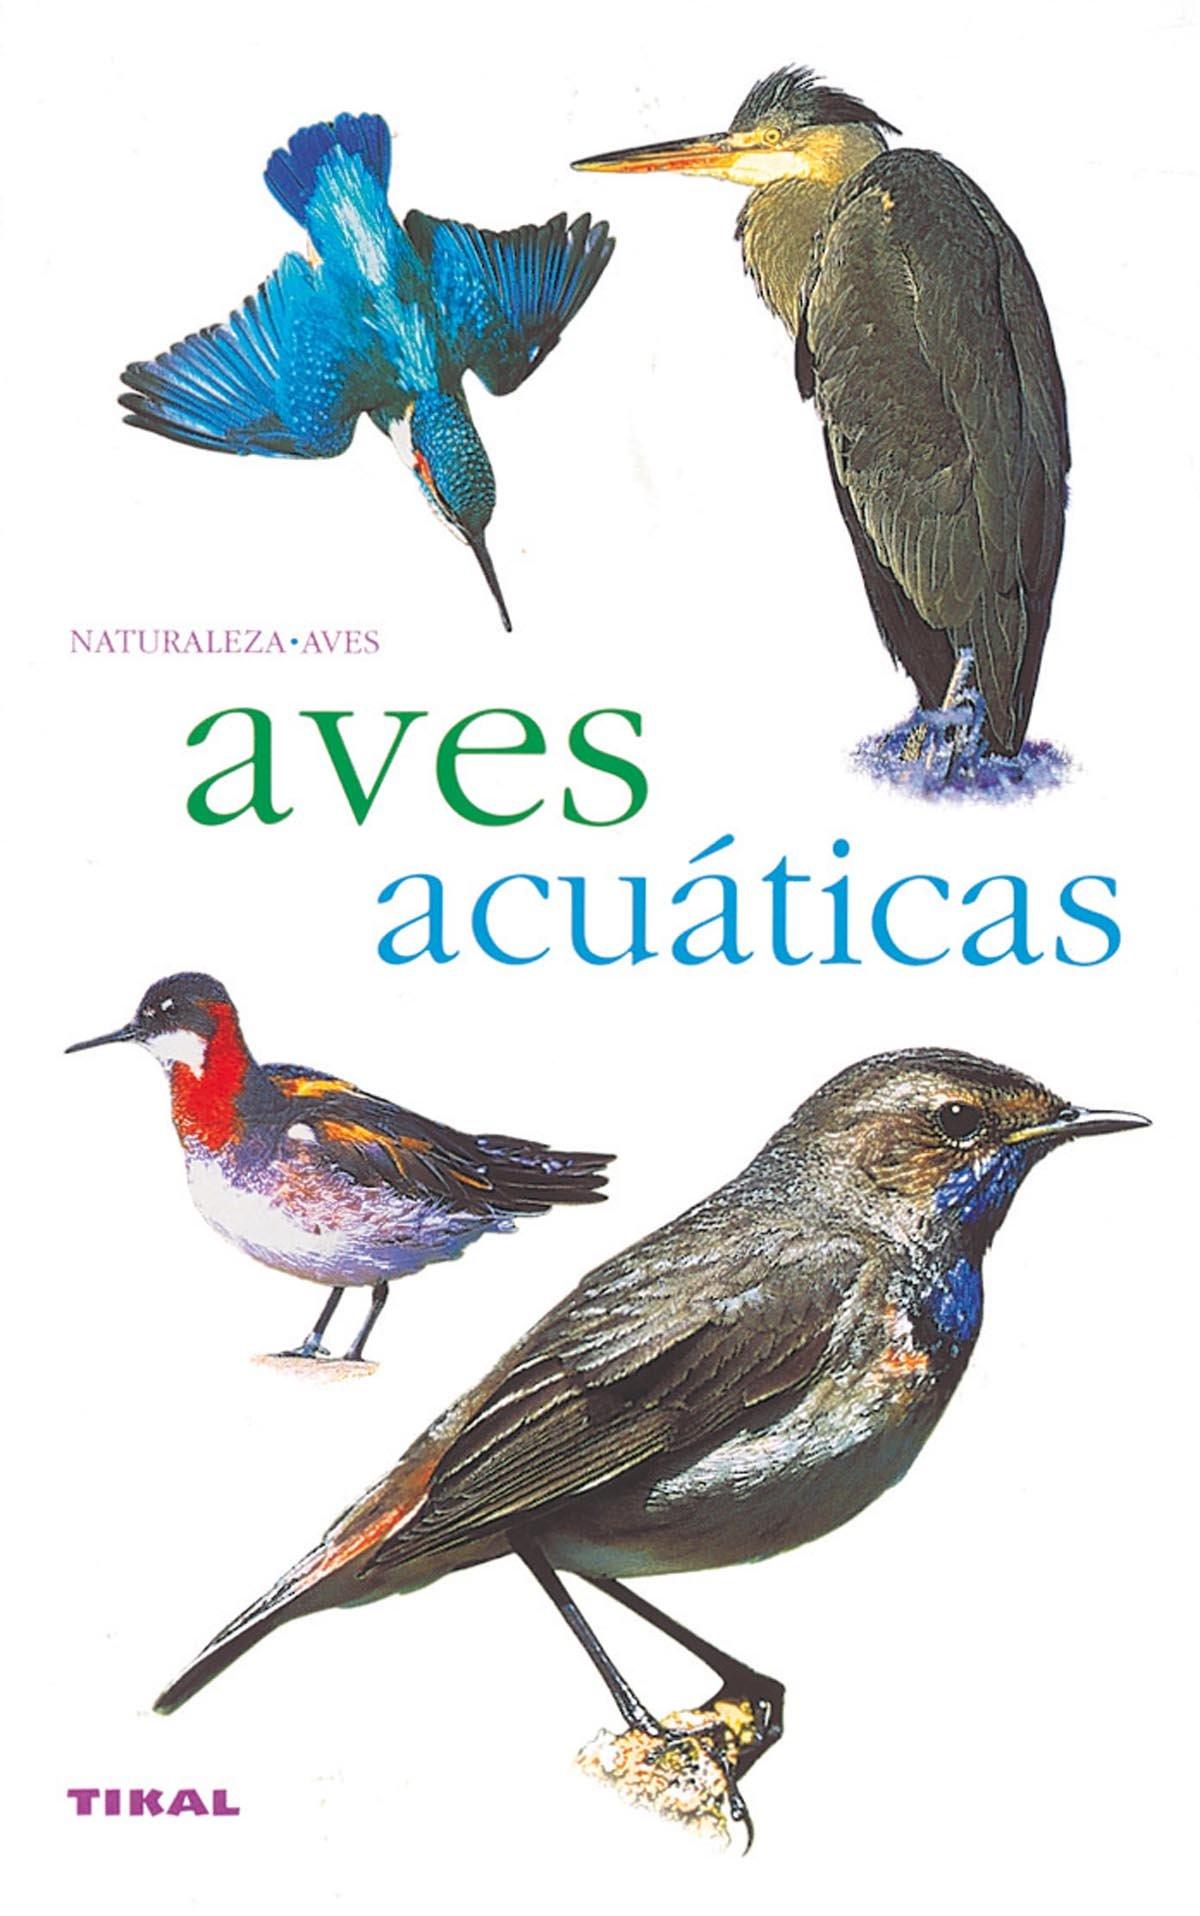 Aves Acuaticas (Naturaleza, Aves): Amazon.es: Aa.Vv.: Libros